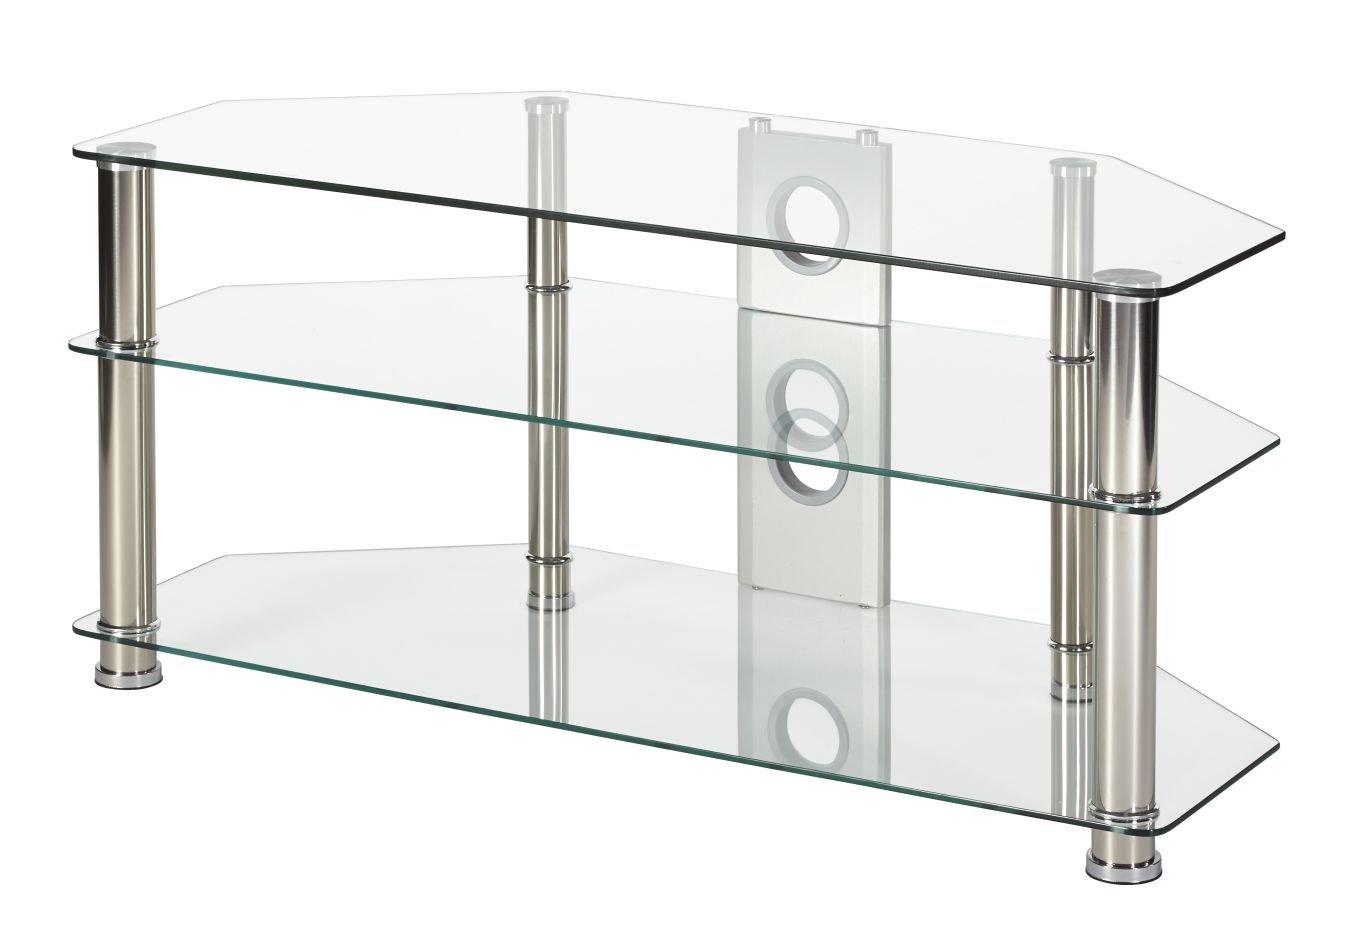 Supporto per TV in vetro trasparente 105 cm di larghezza argento cromato gamba per 81, 3 cm a 127 cm schermi LED smart TV LCD 3cm a 127cm schermi LED smart TV LCD MMT P5CCH1050